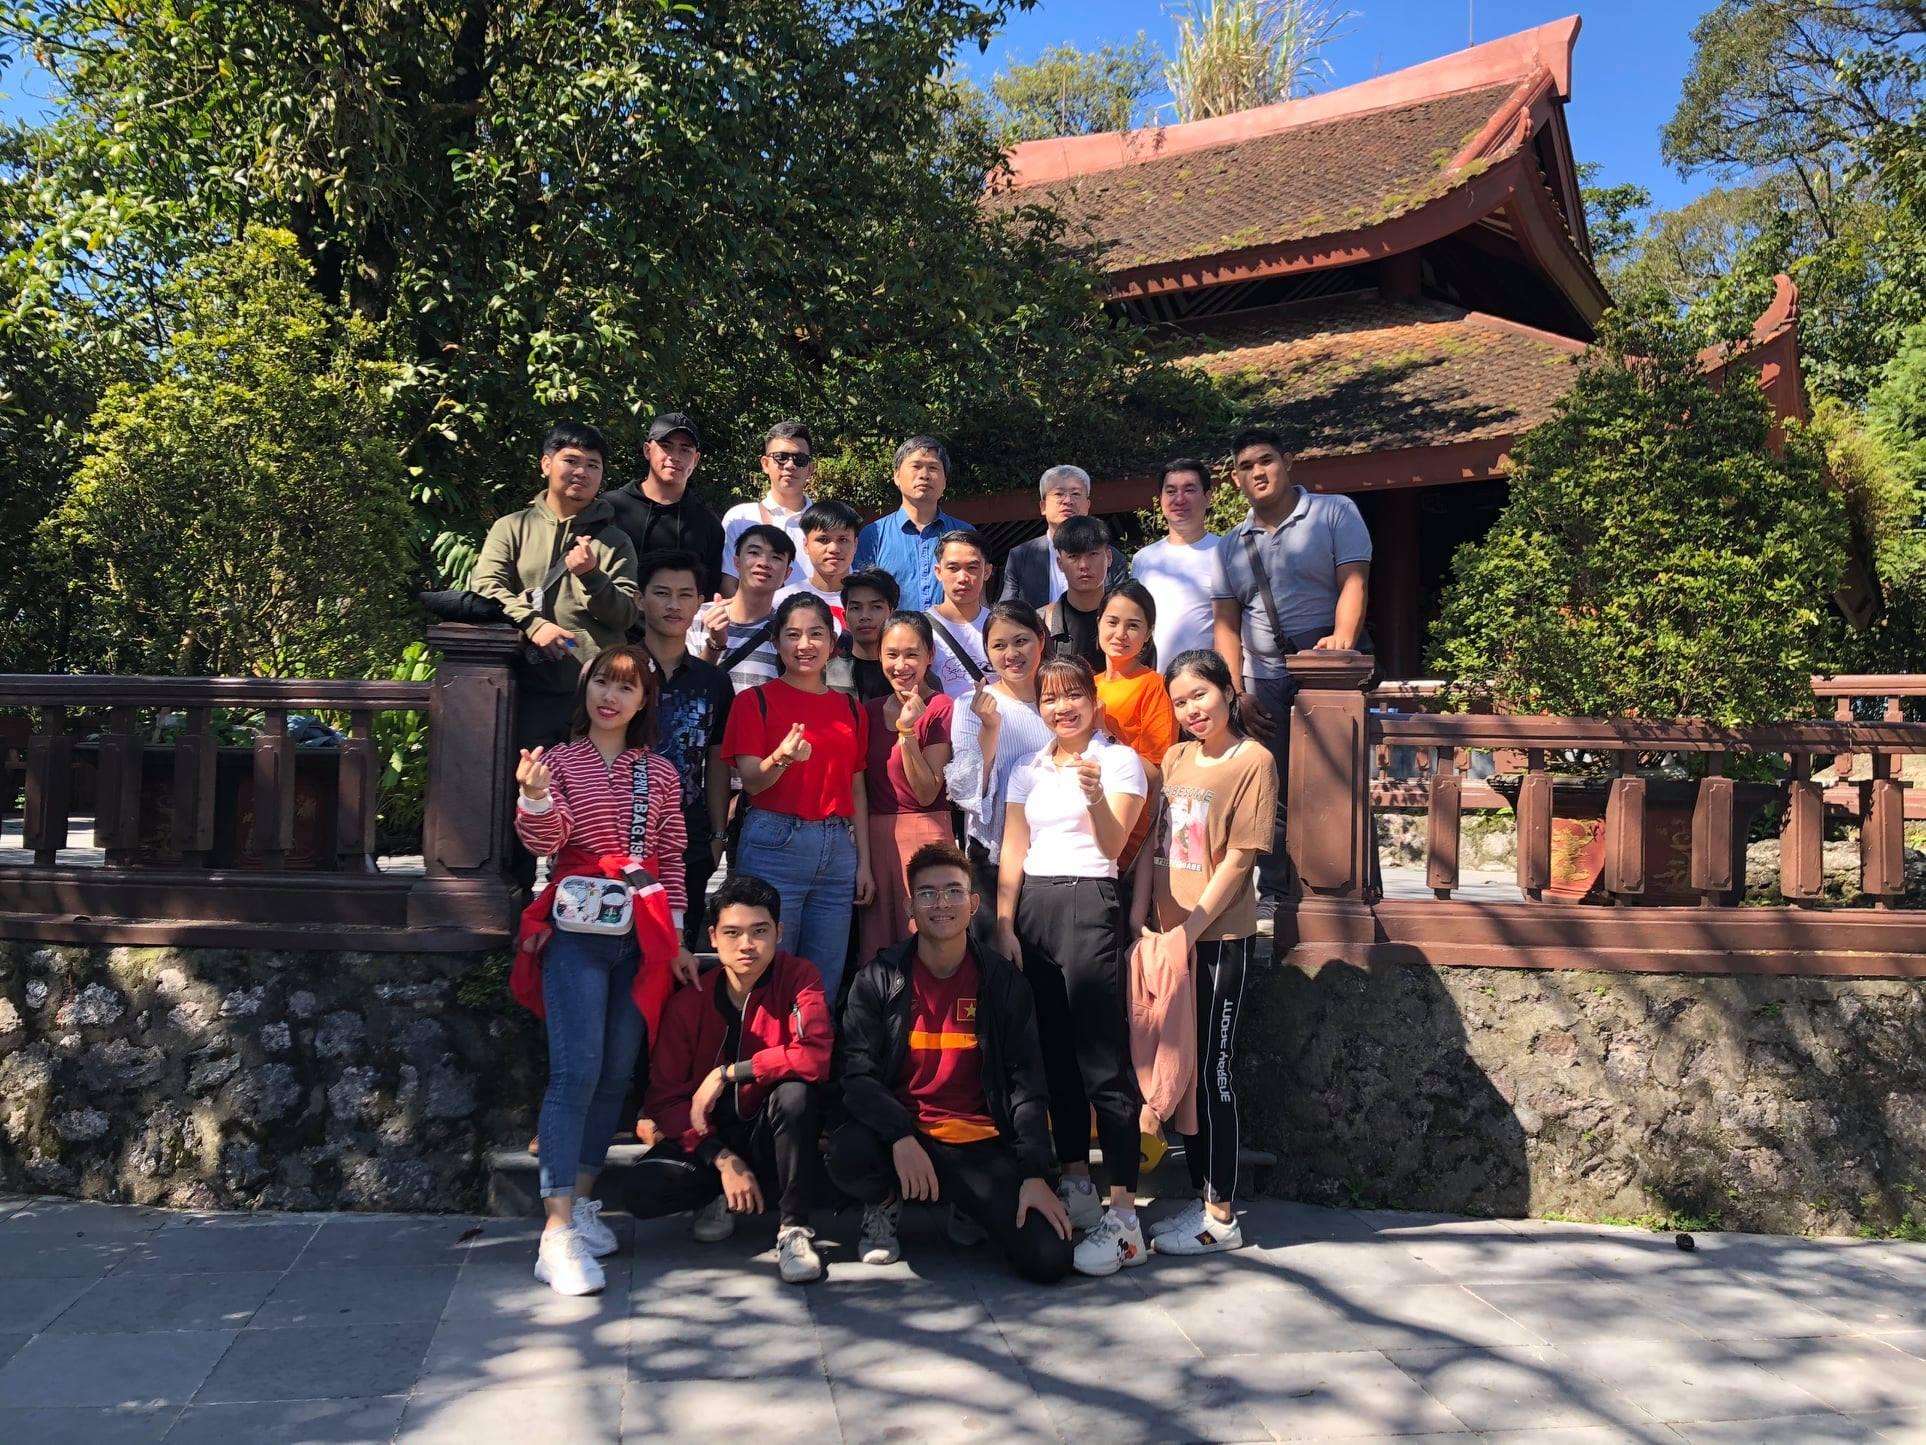 Trường Đại học Quốc tế Bắc Hà tổ chức tham quan Đền thờ Bác Hồ - Ba Vì cho cán bộ và sinh viên